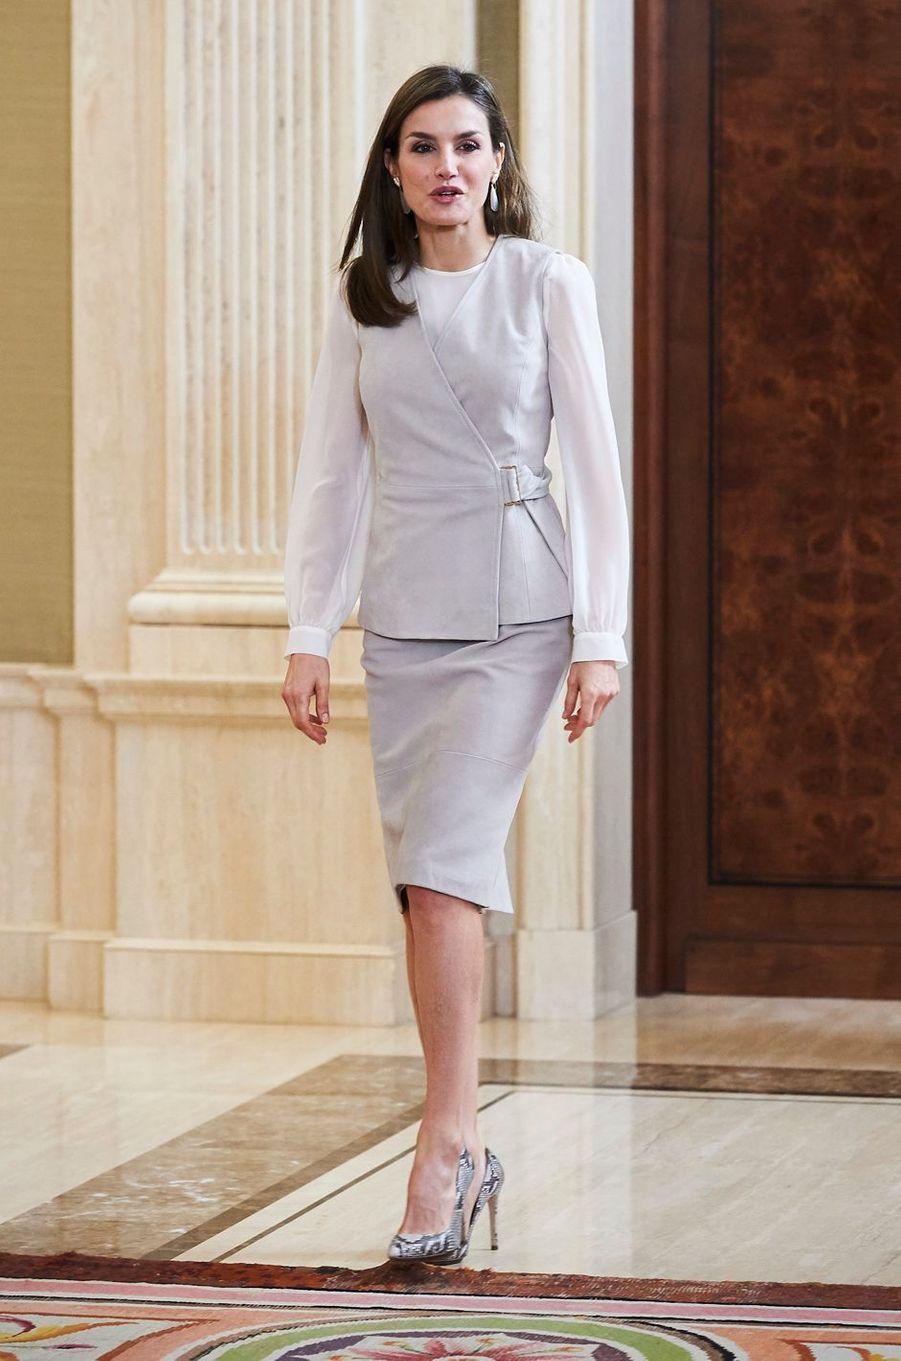 La reine Letizia d'Espagne au palais de la Zarzuela à Madrid dans un nouveau look Hugo Boss, le 12 mai 2017